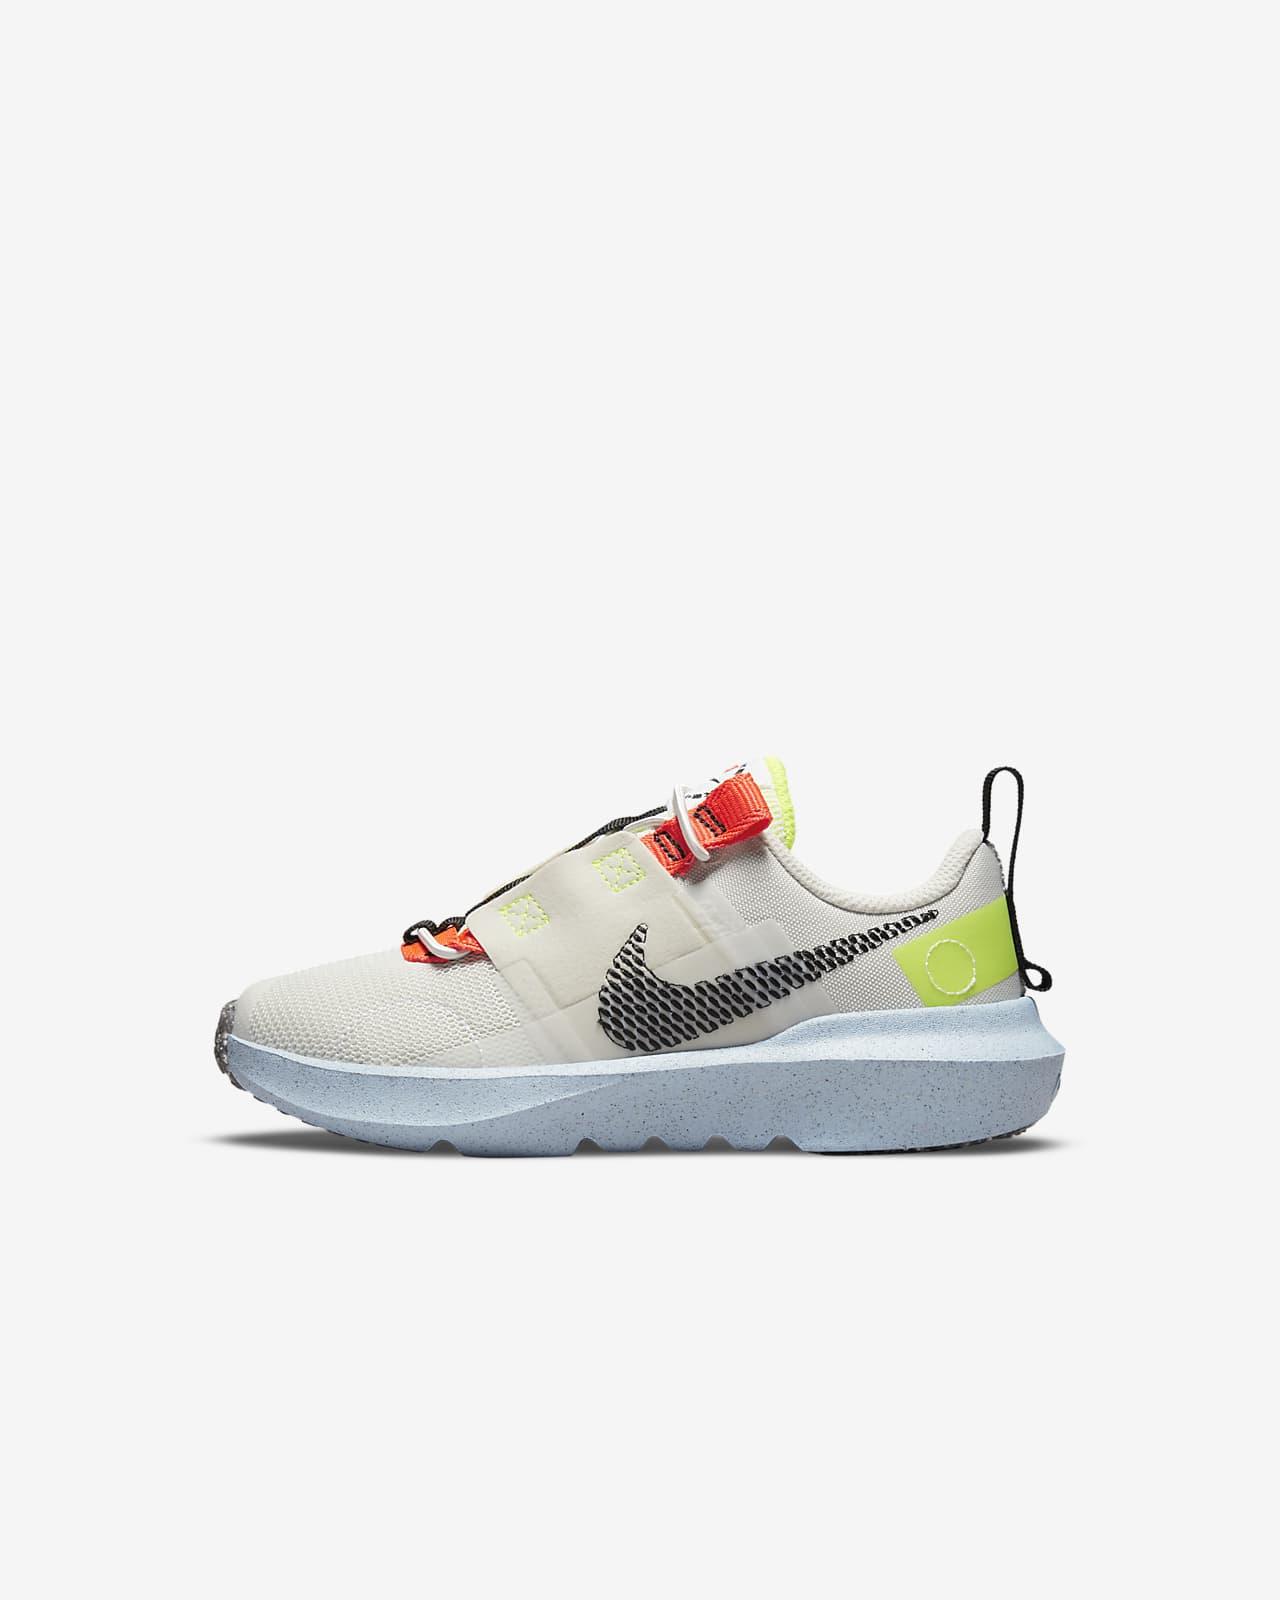 Παπούτσι Nike Crater Impact για μικρά παιδιά